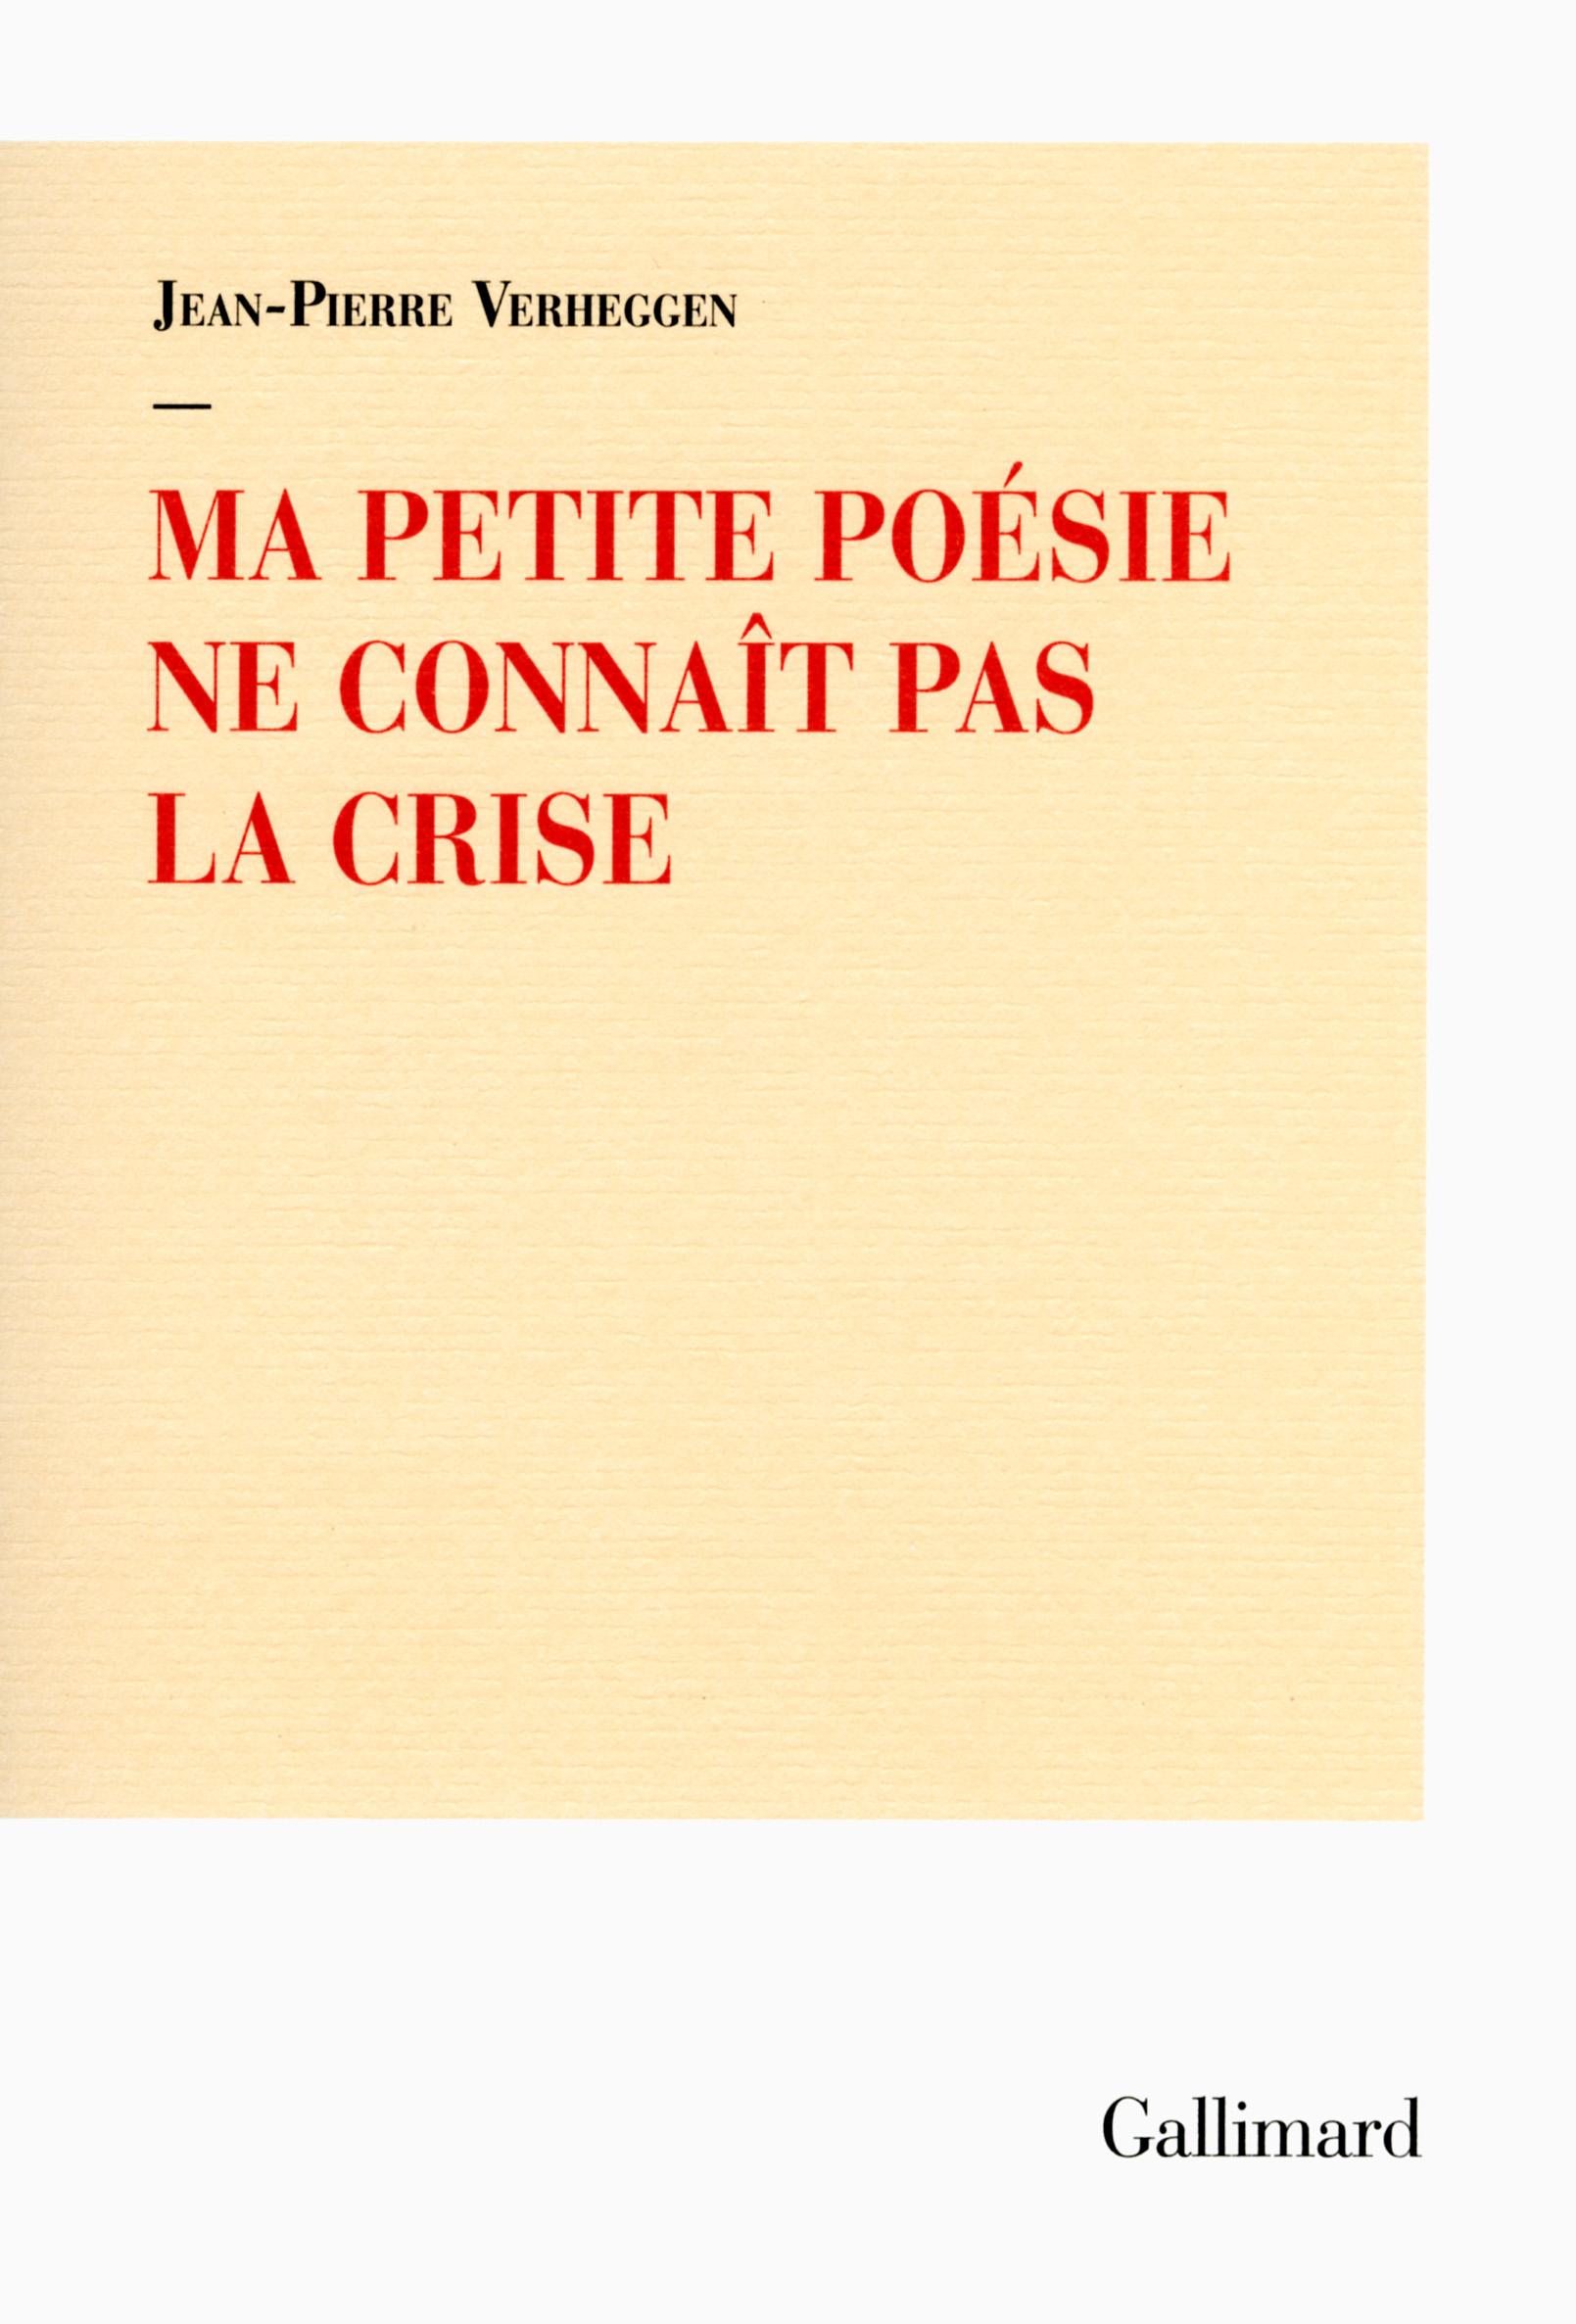 970296c11d0 ... Hors série Littérature  Ma petite poésie ne connaît pas la crise.  Télécharger la couverture ...